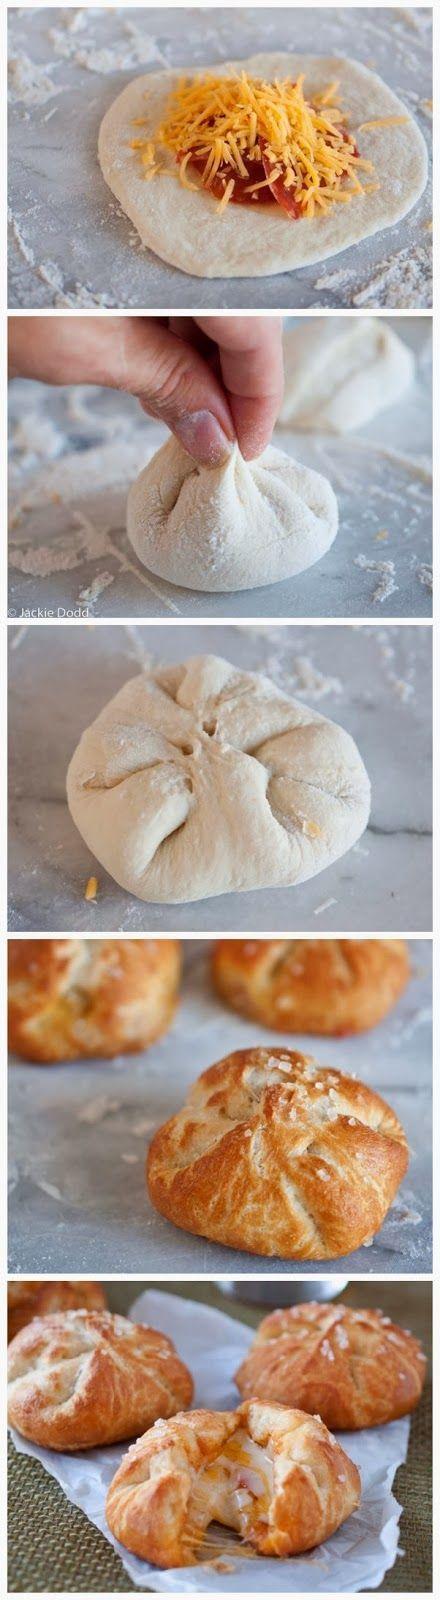 Pizza stuffed rolls